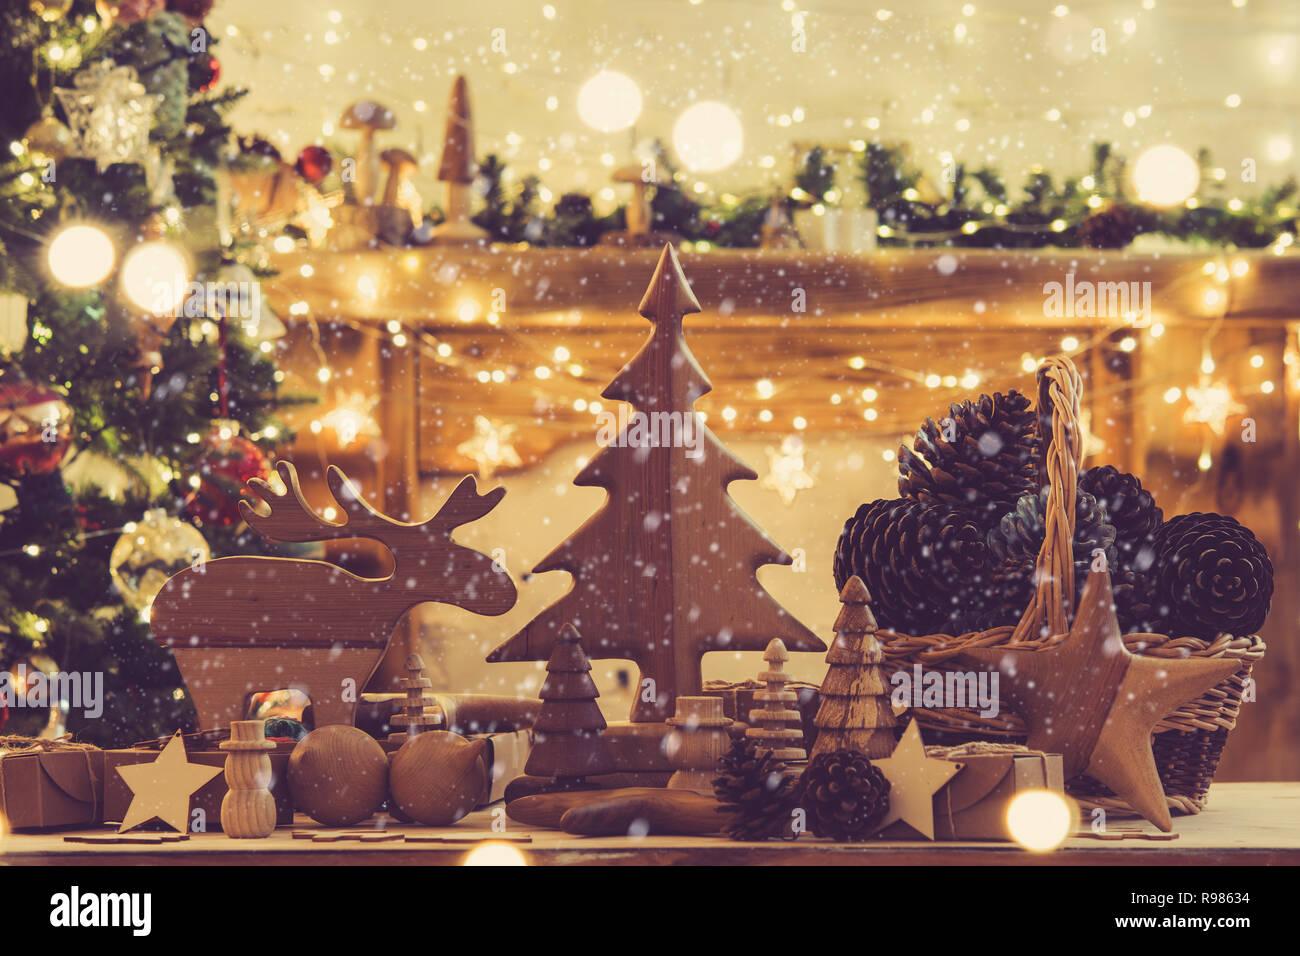 Christbaumkugeln Ornament.Gemütliches Wohnzimmer Holzspielzeug Figuren Sterne Elche Fell